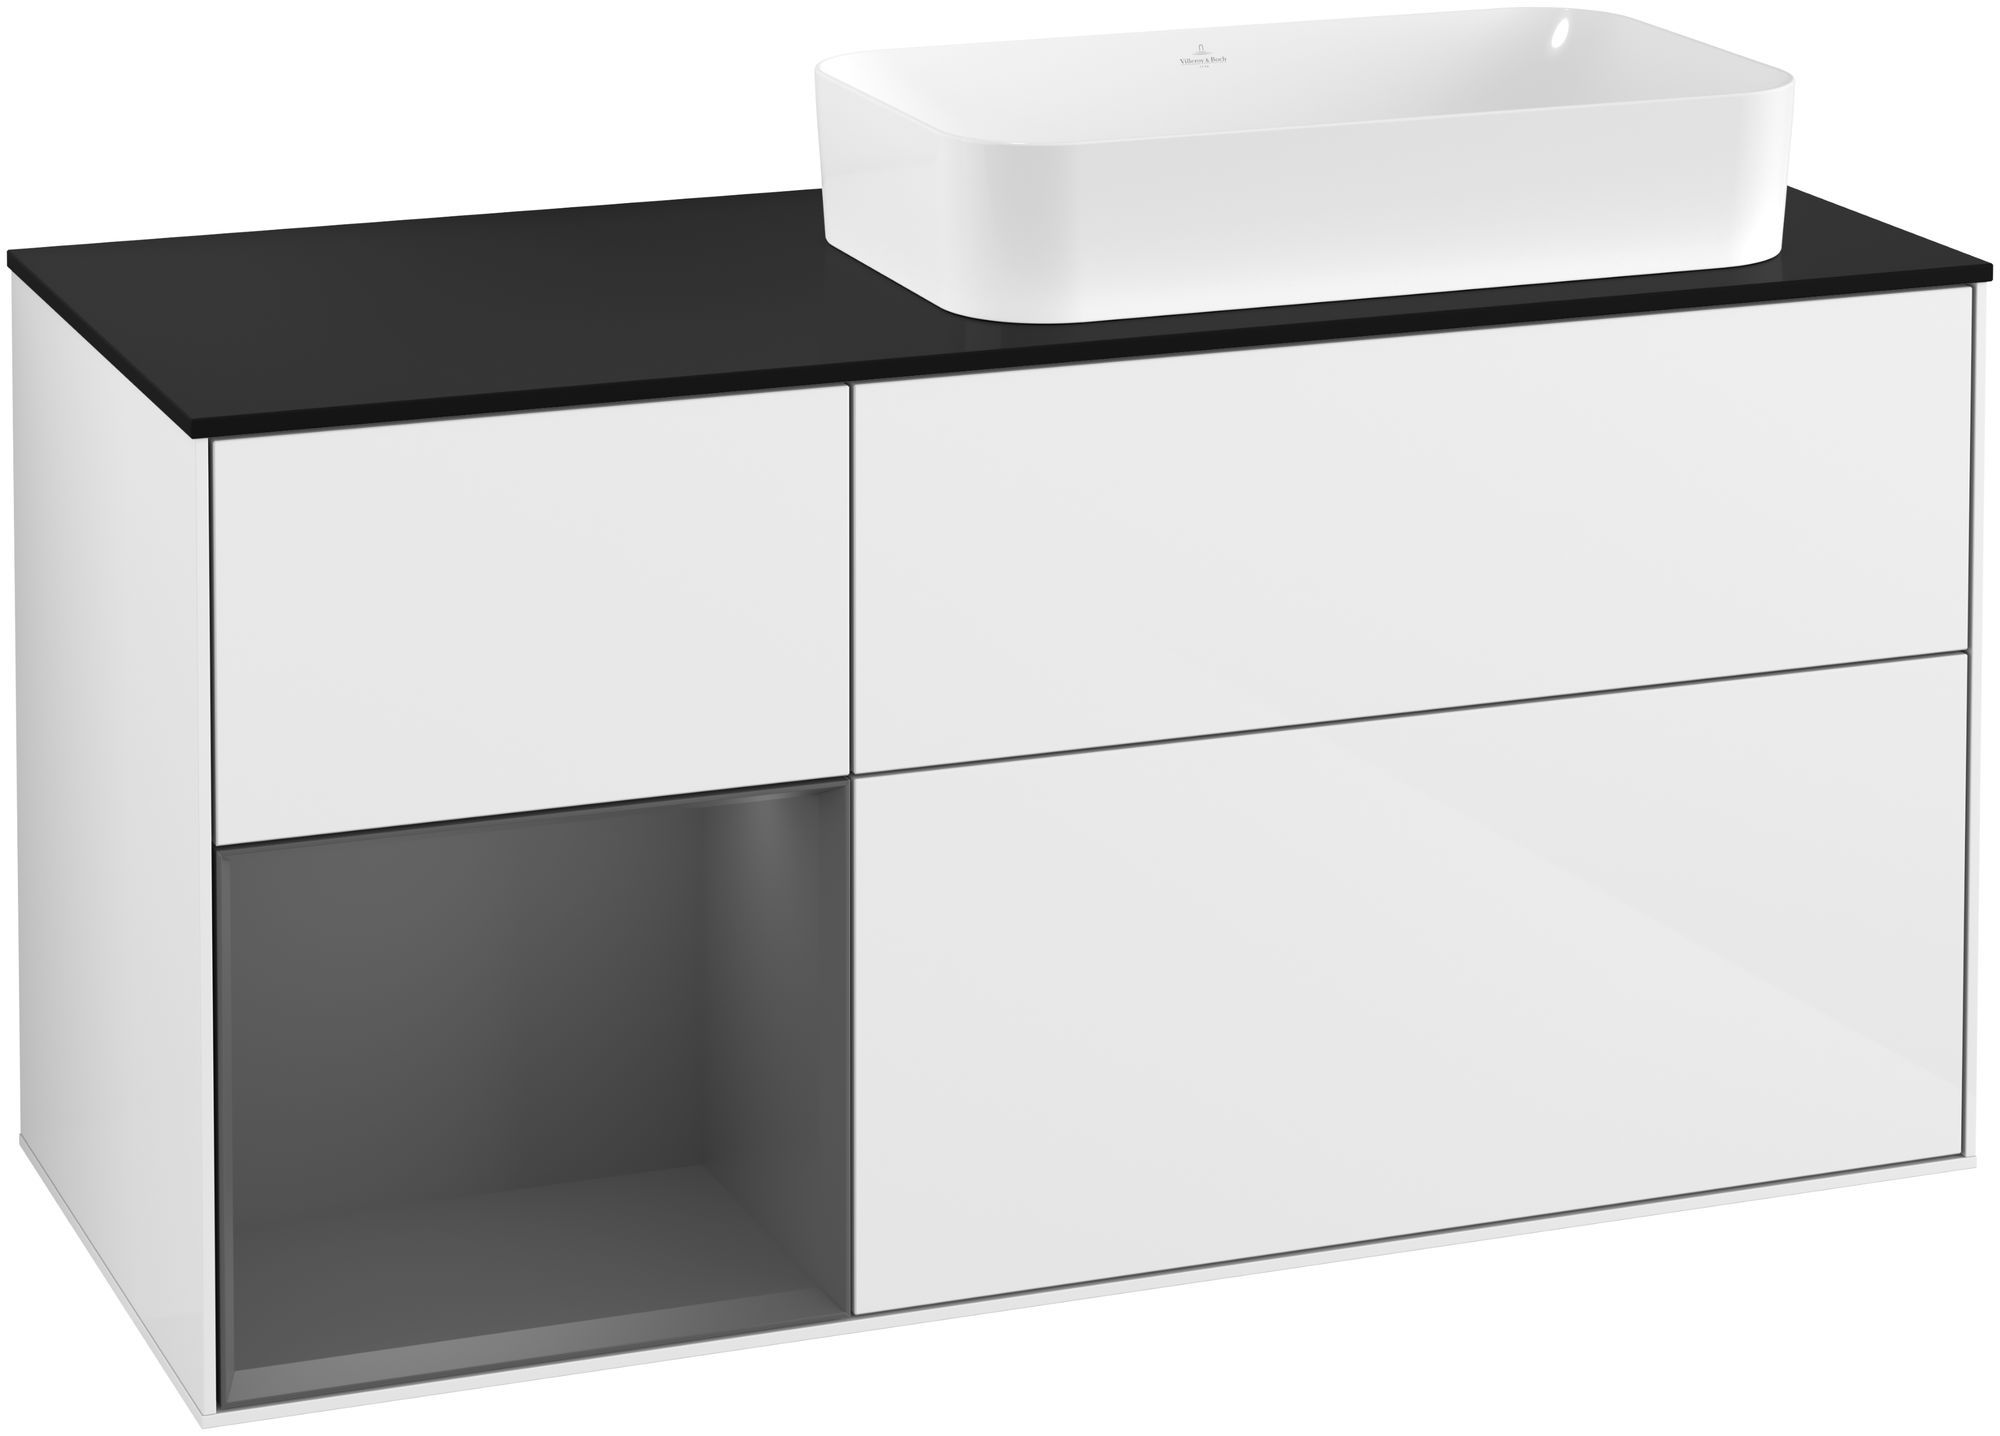 Villeroy & Boch Finion F27 Waschtischunterschrank mit Regalelement 3 Auszüge für WT rechts LED-Beleuchtung B:120xH:60,3xT:50,1cm Front, Korpus: Glossy White Lack, Regal: Anthracite Matt, Glasplatte: Black Matt F272GKGF